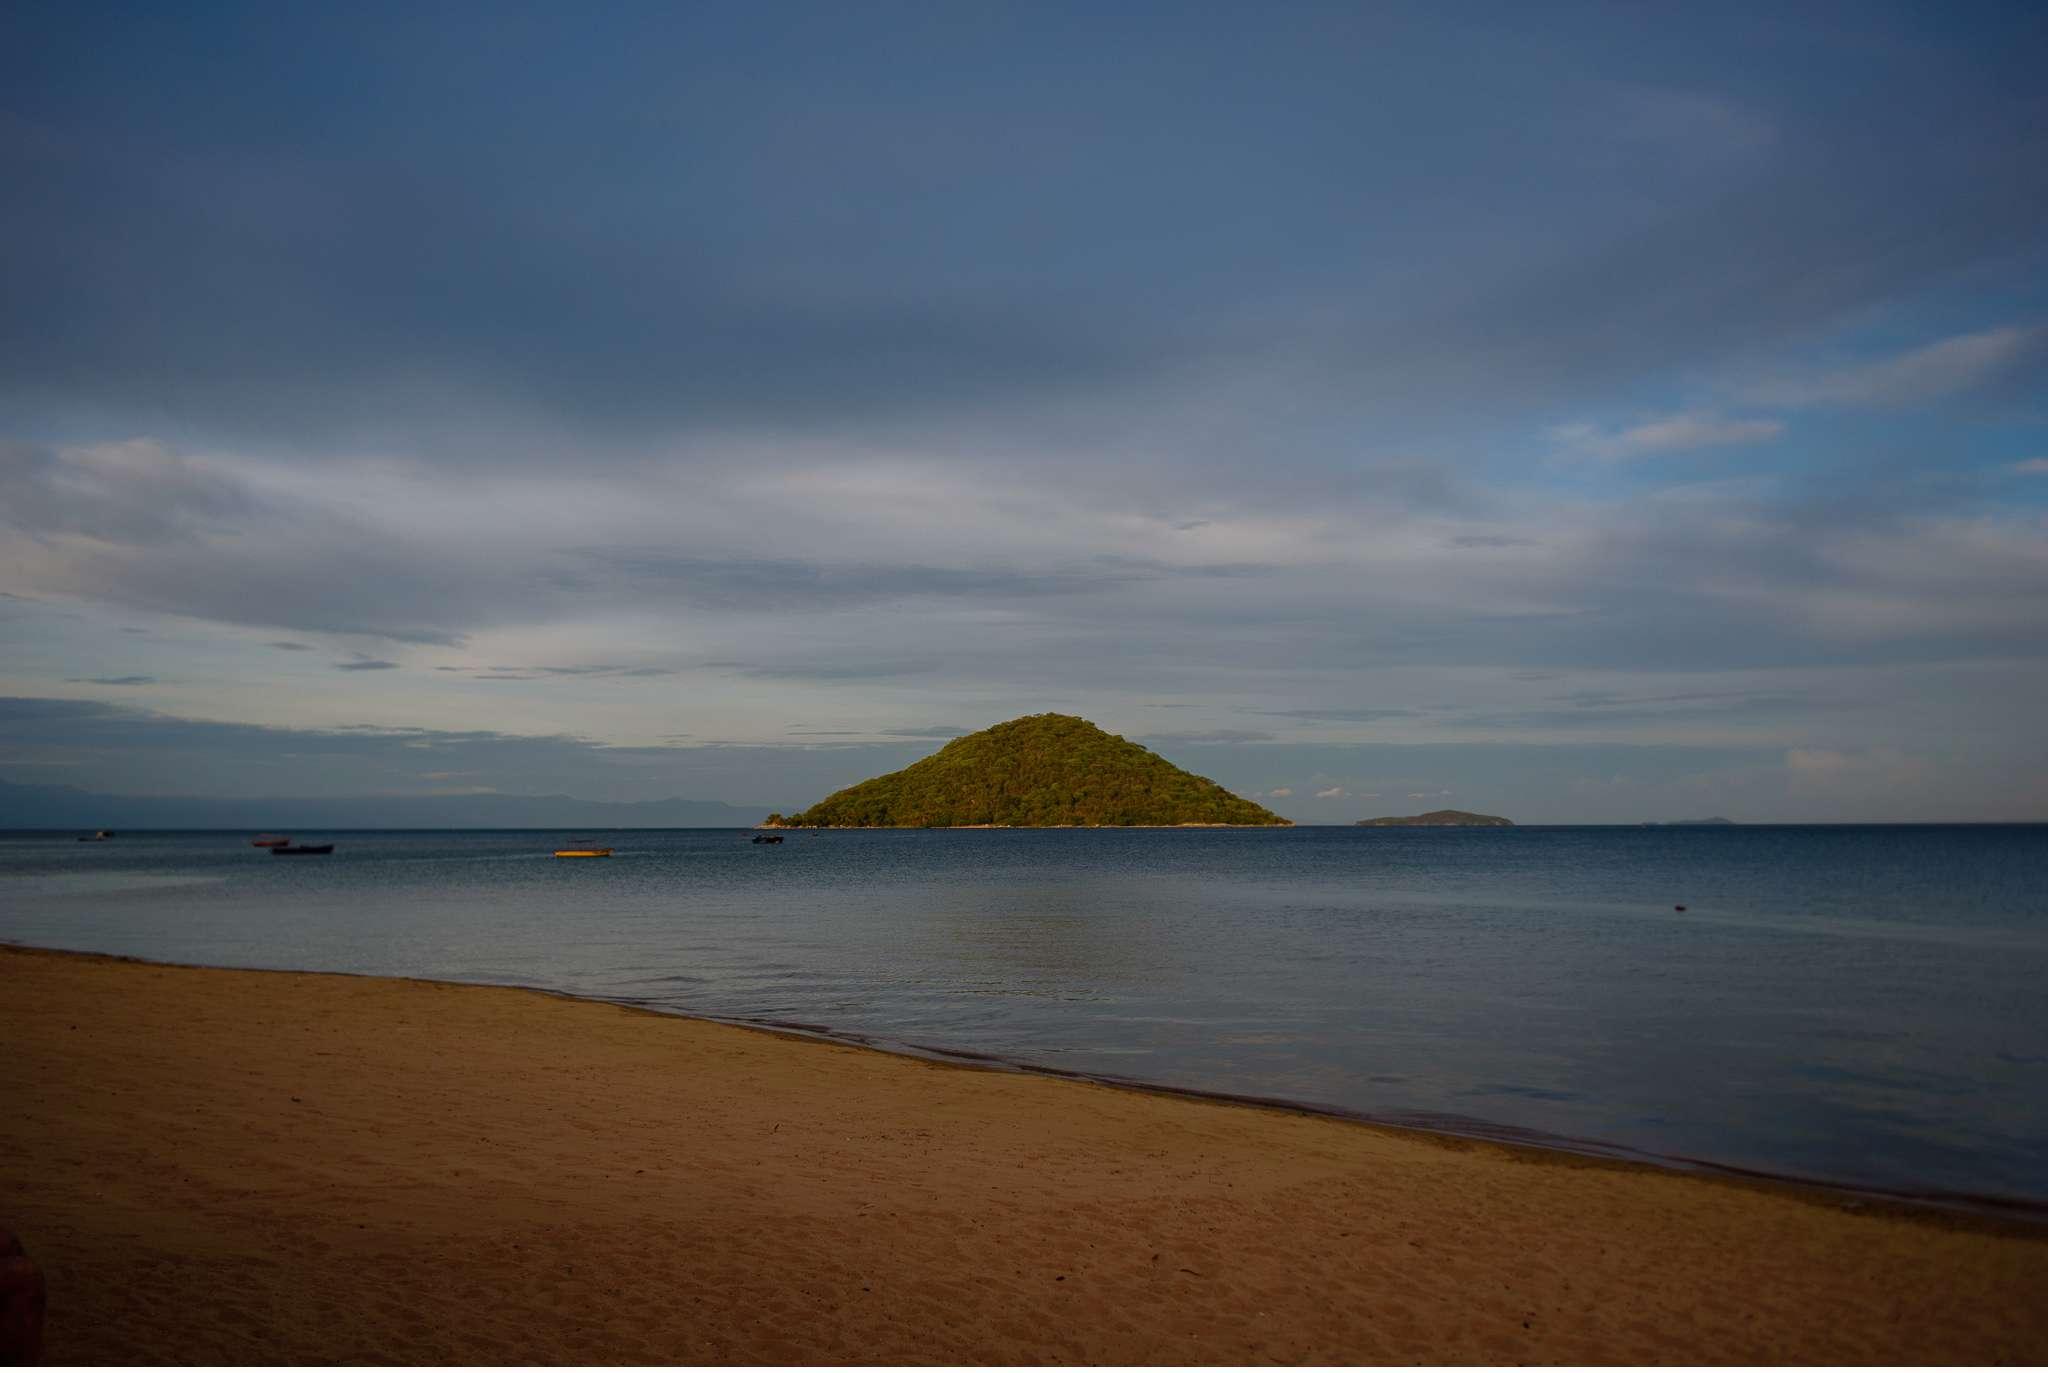 Malawi-Quer durch Afrika- Geschichten von unterwegs by Marion and Daniel-51